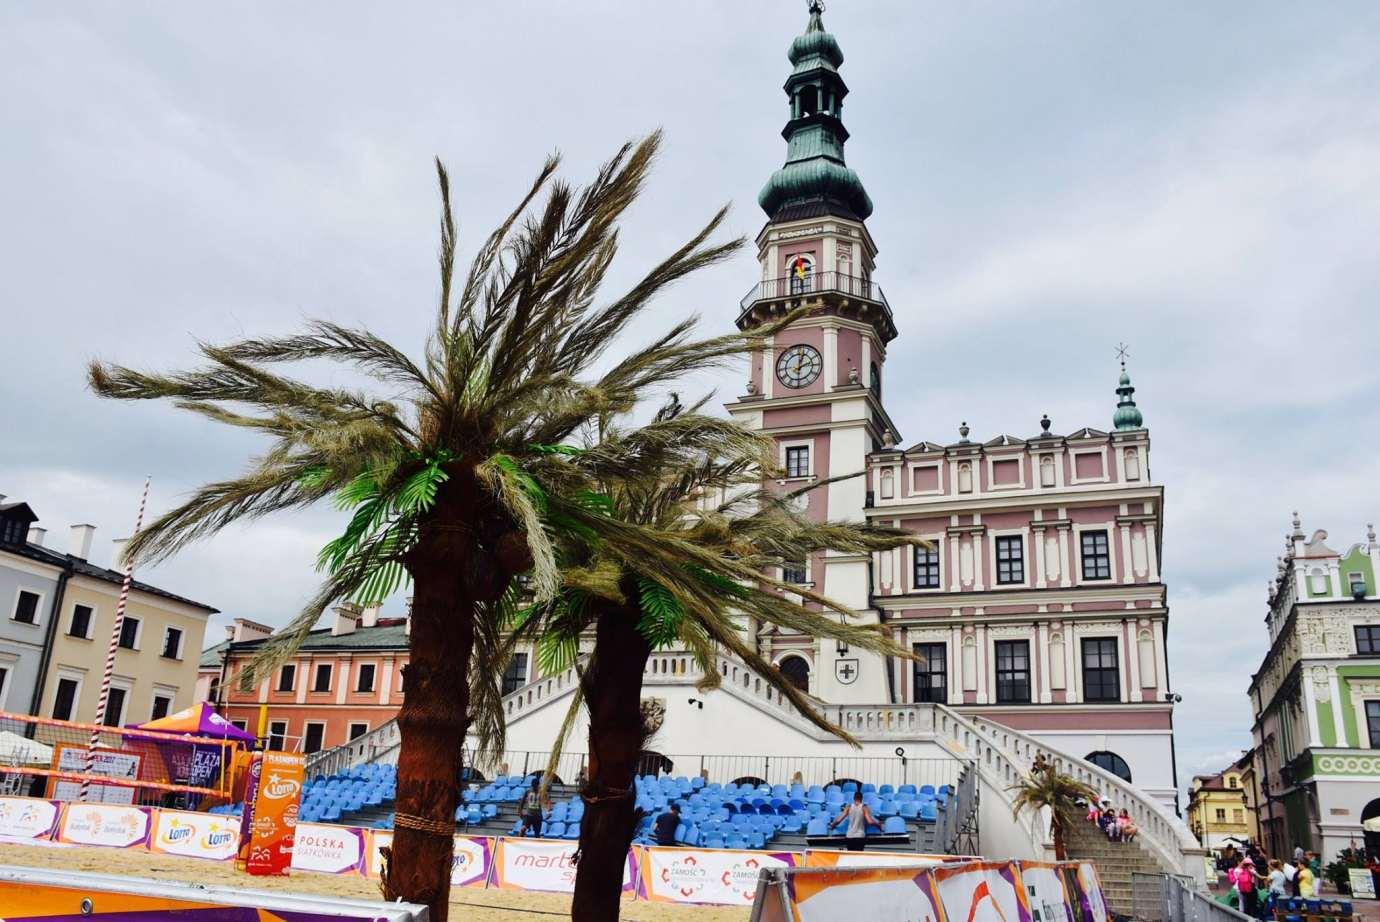 19667908 1952511338352327 3395981742723631610 o Plaża Open ponownie zawita do Zamościa!